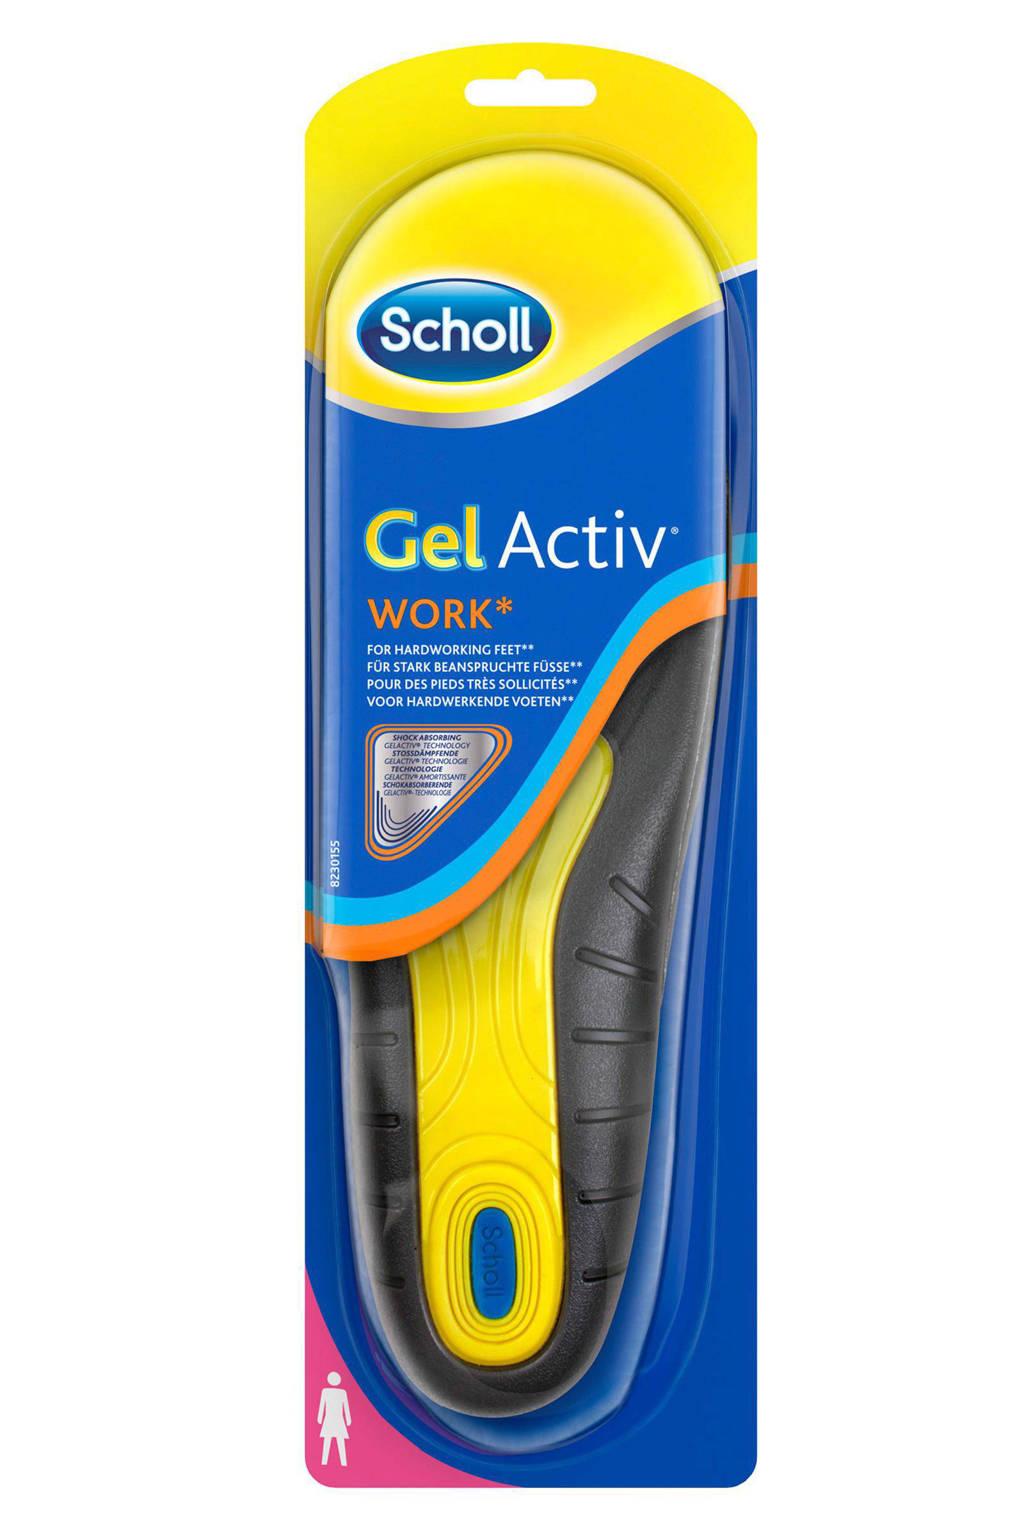 Scholl Gel Activ zolen - werk